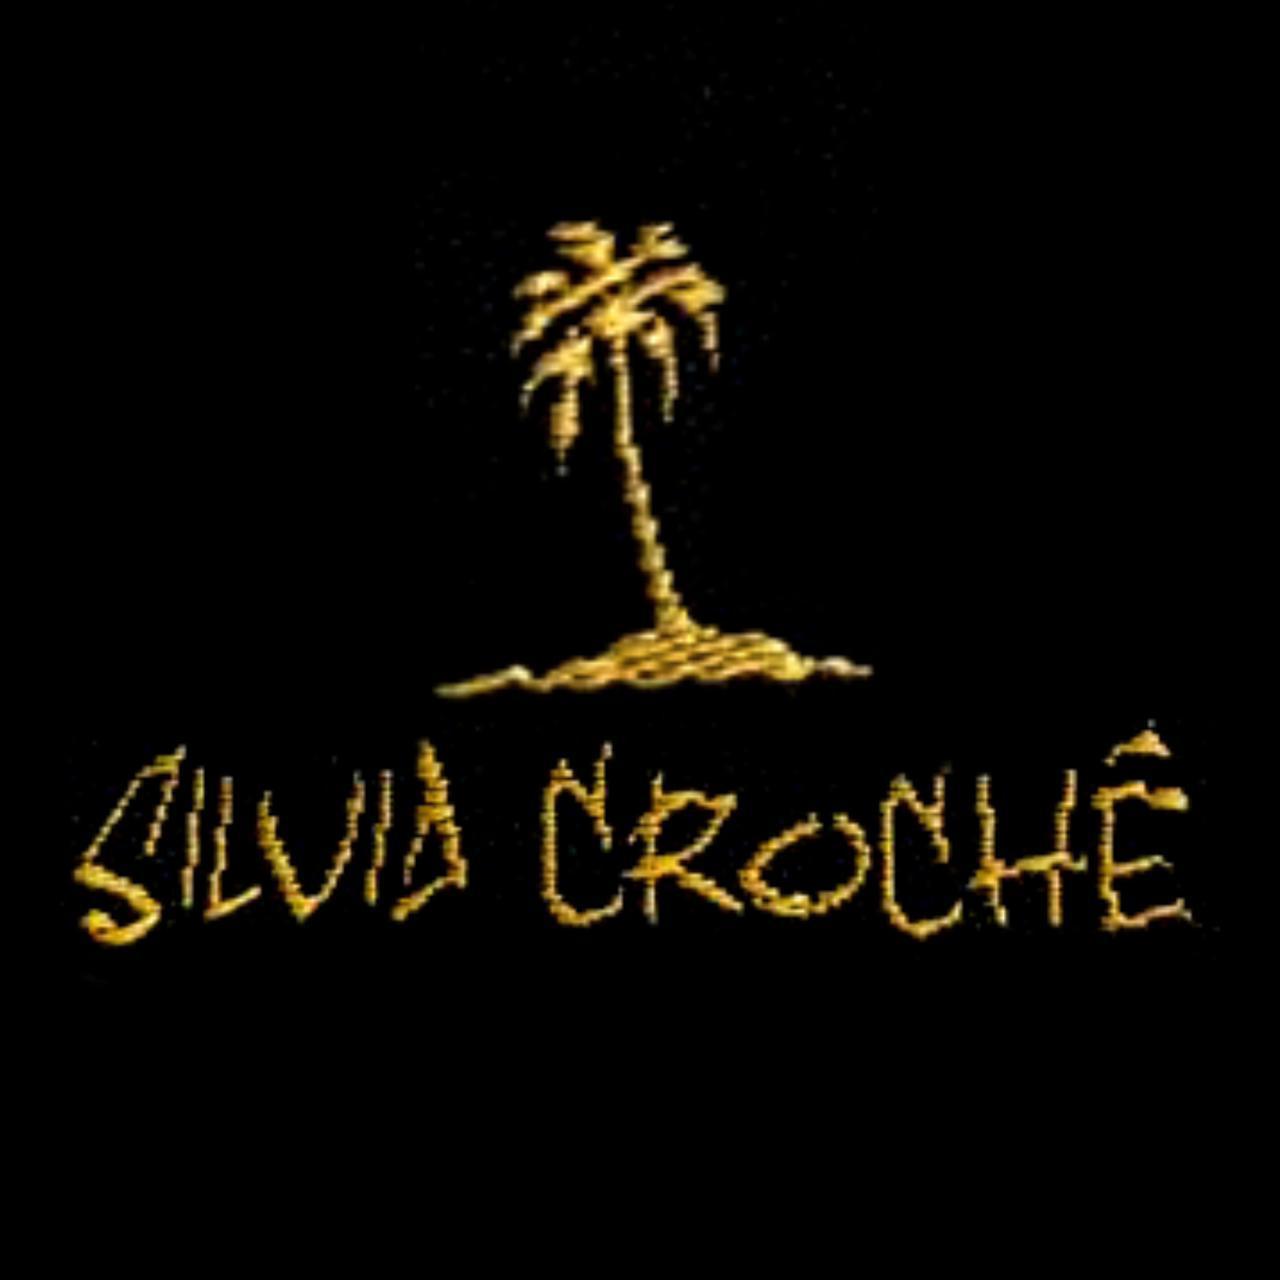 Silvia Crochê